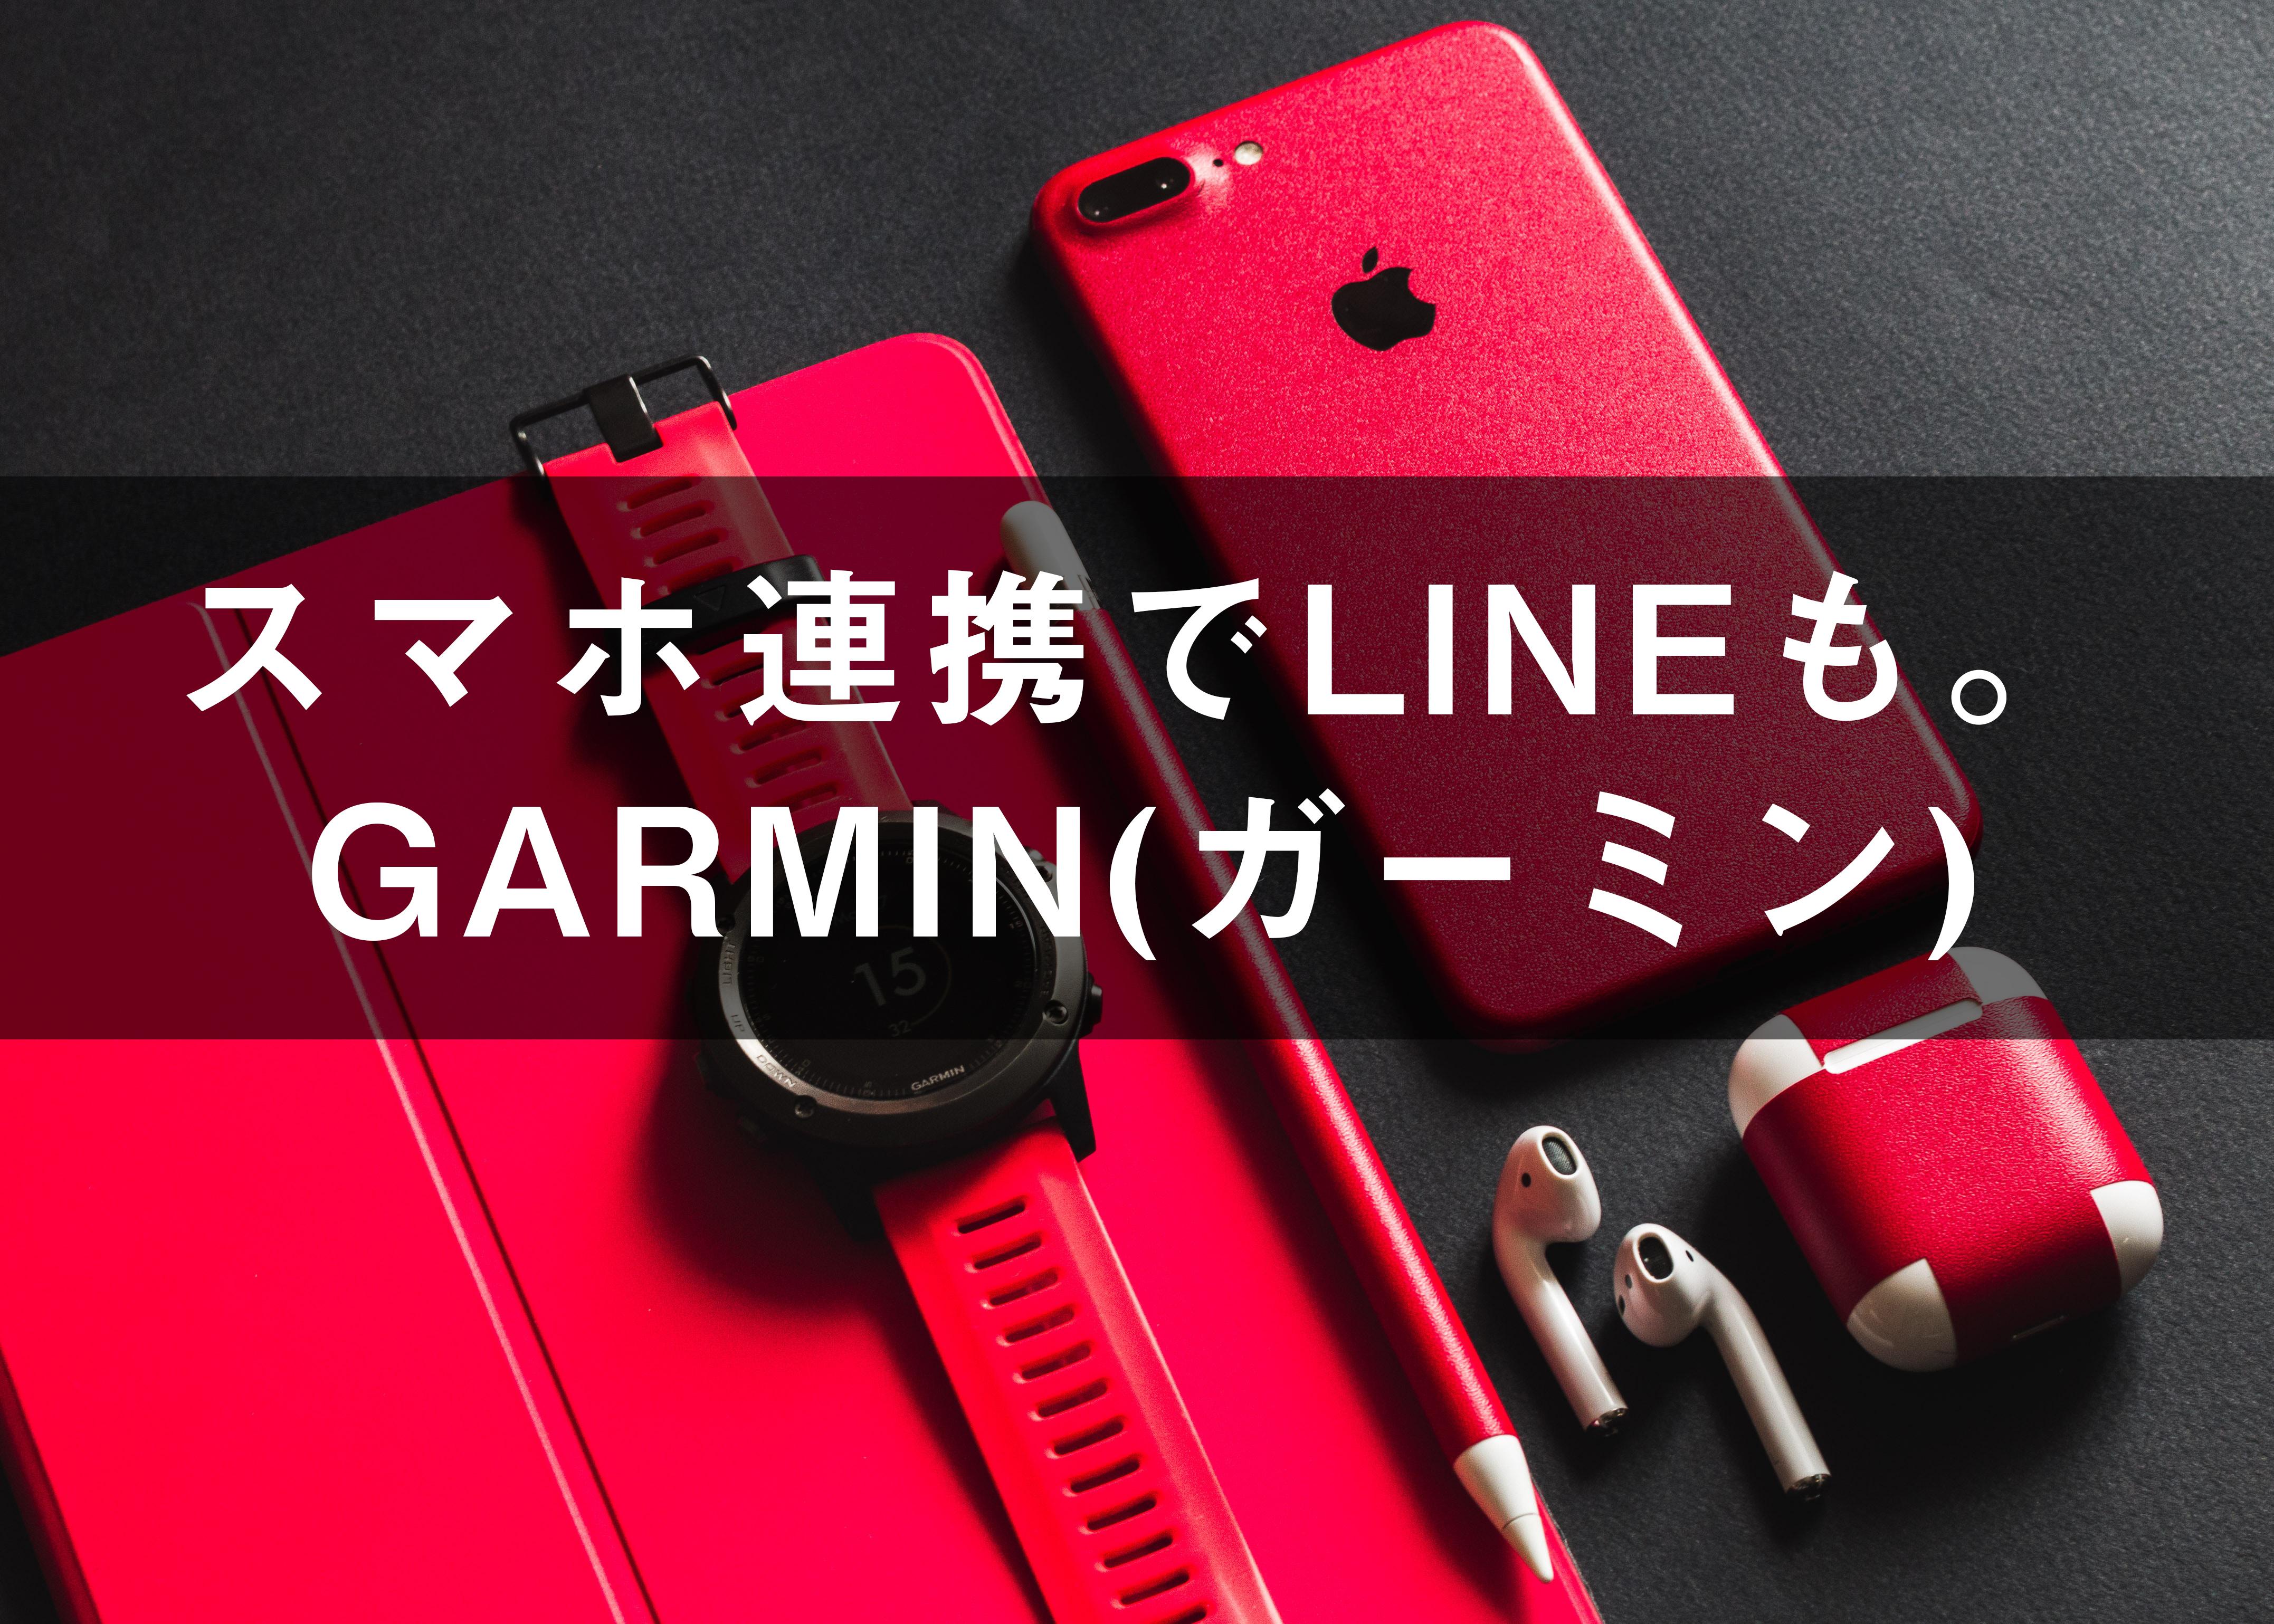 garminは着信やLINEの通知を確認できるスマートウォッチ